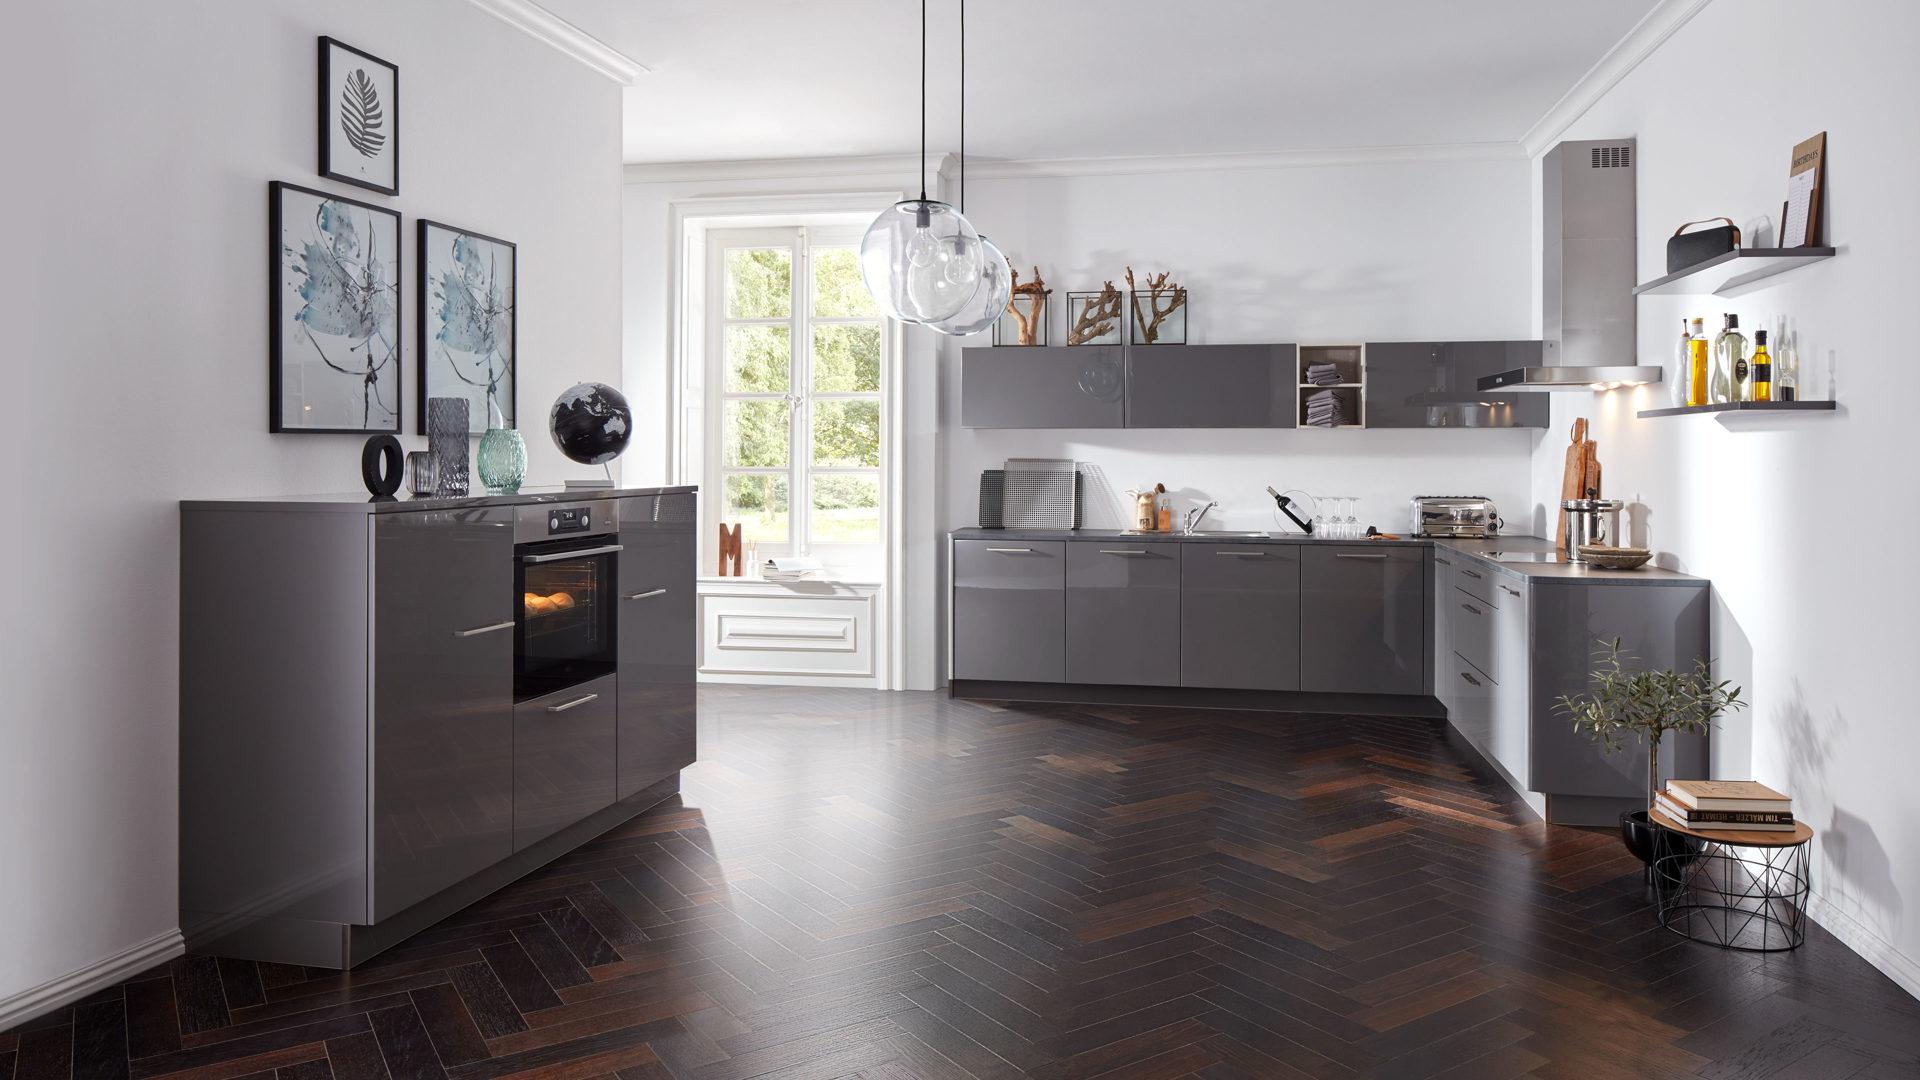 Interliving Küche Serie 3007 mit AEG Einbaugeräten, quarzgraue Lack- &  Kunststoffoberflächen – zweiteilig